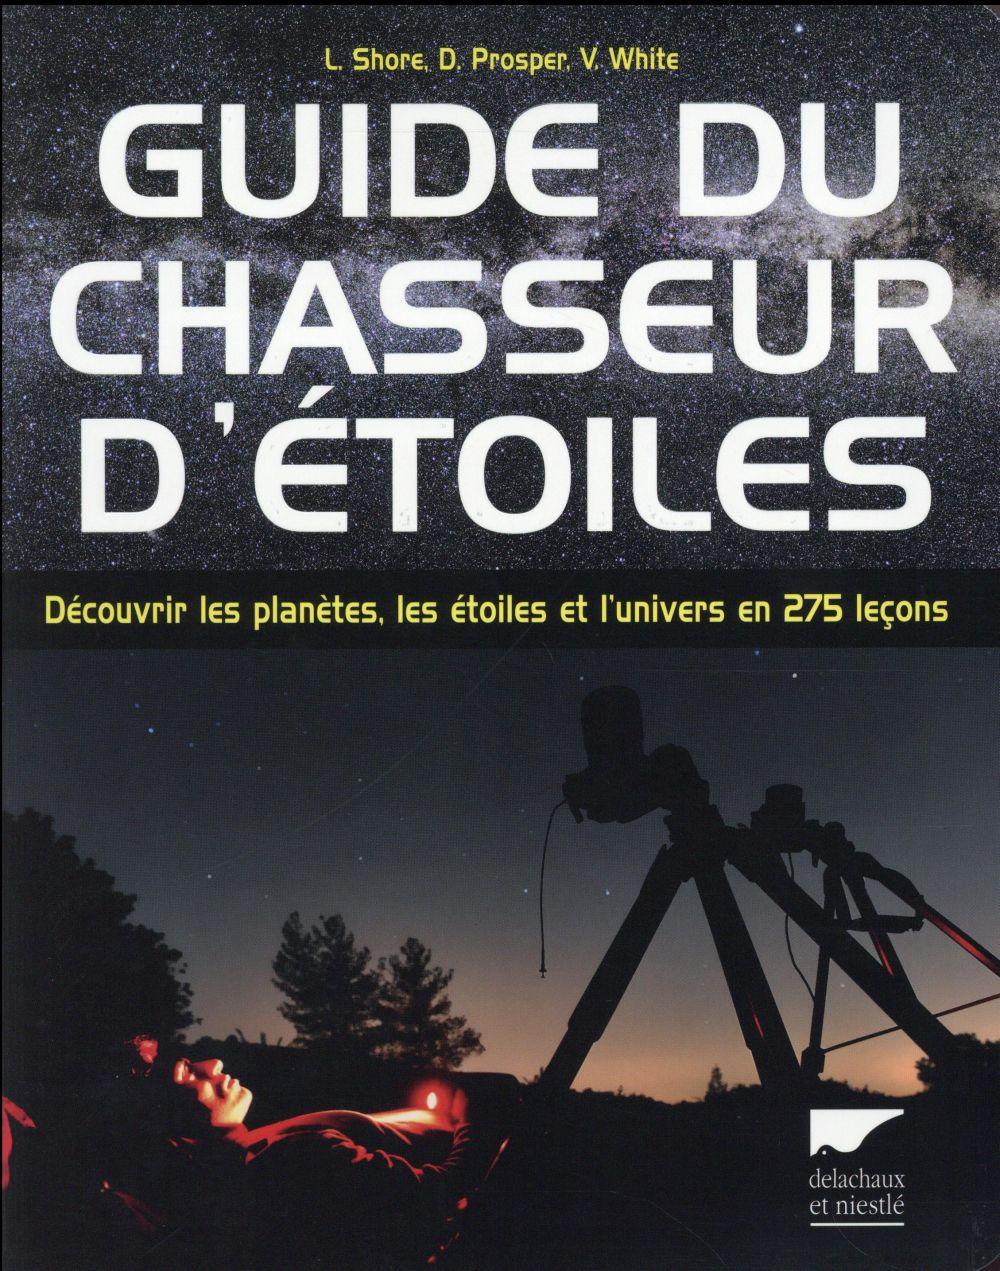 GUIDE DU CHASSEUR D'ETOILES. DECOUVRIR LES PLANETES, LES ETOILES ET L'UNIVERS EN 275 LECONS